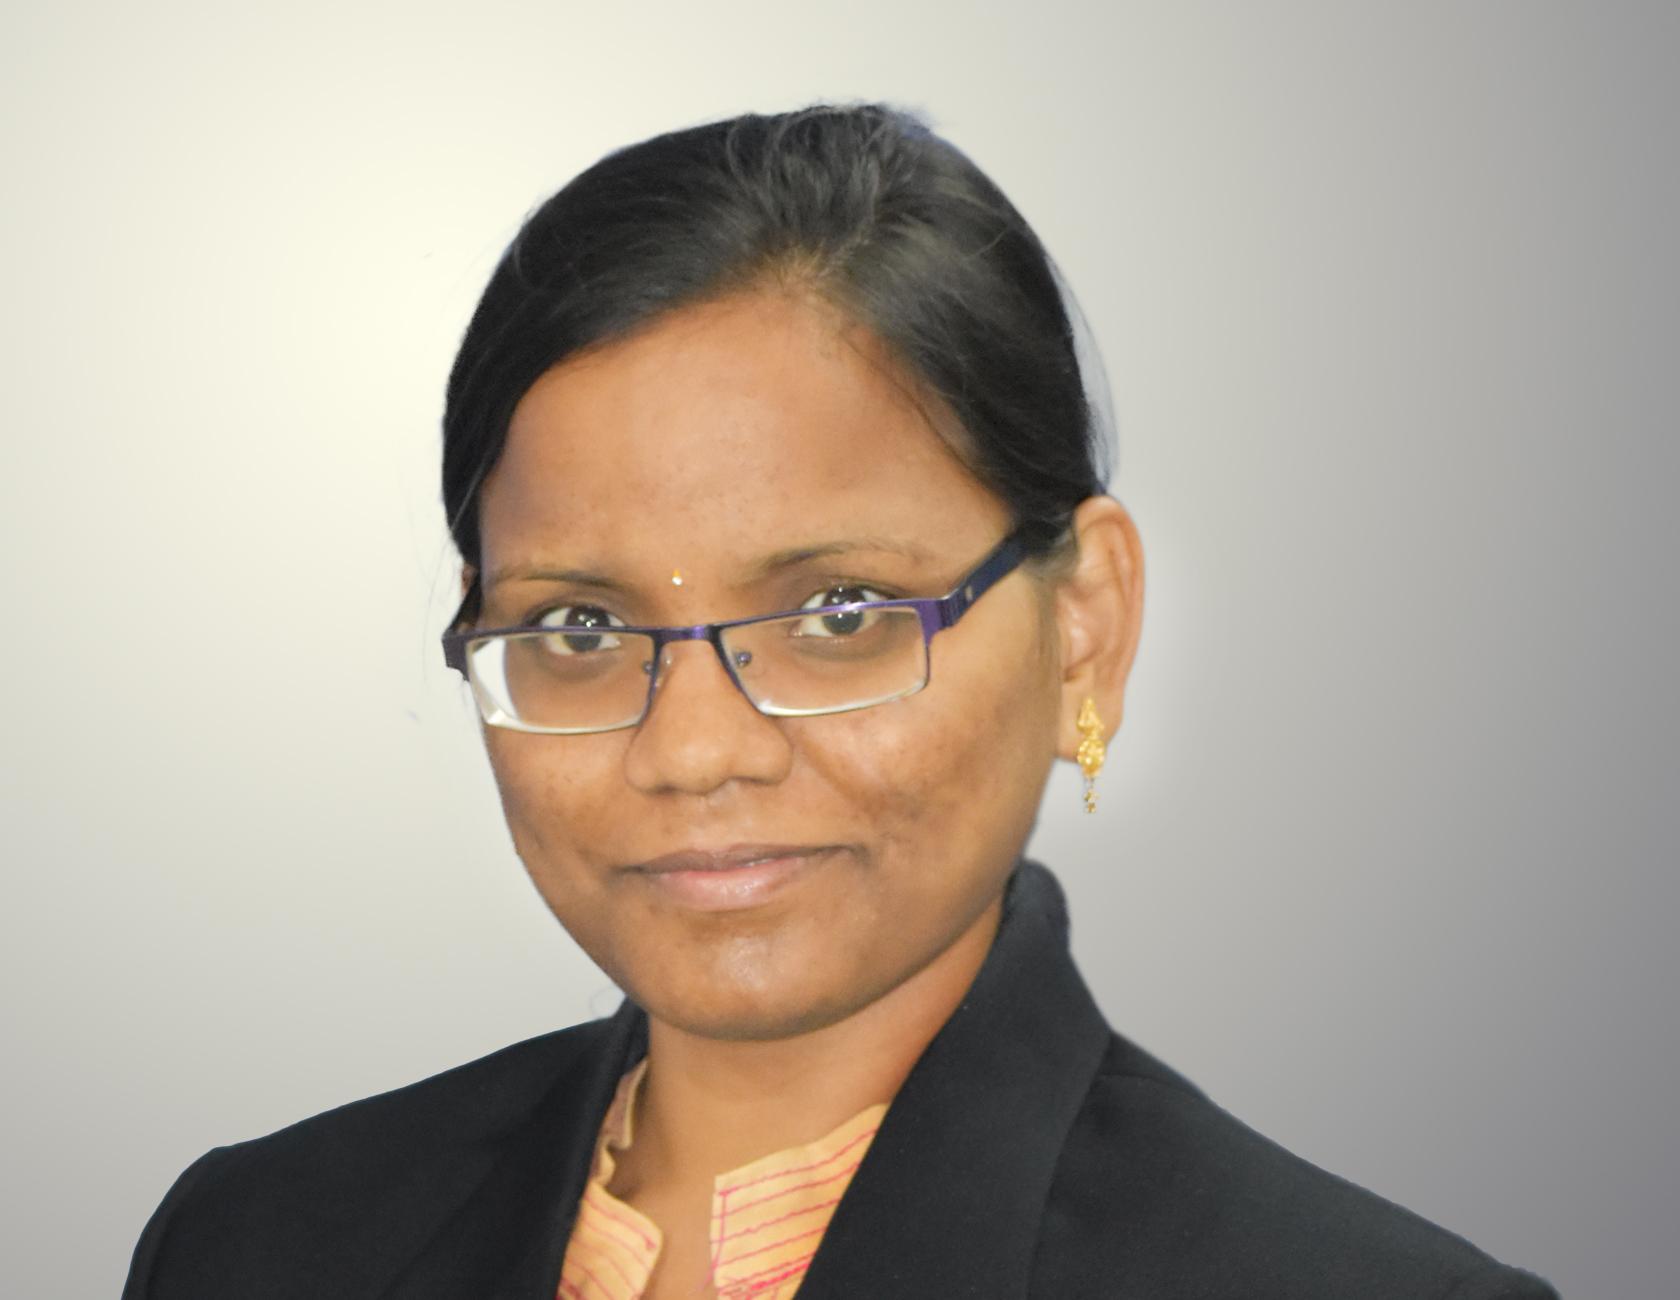 Jhansi Chejarla